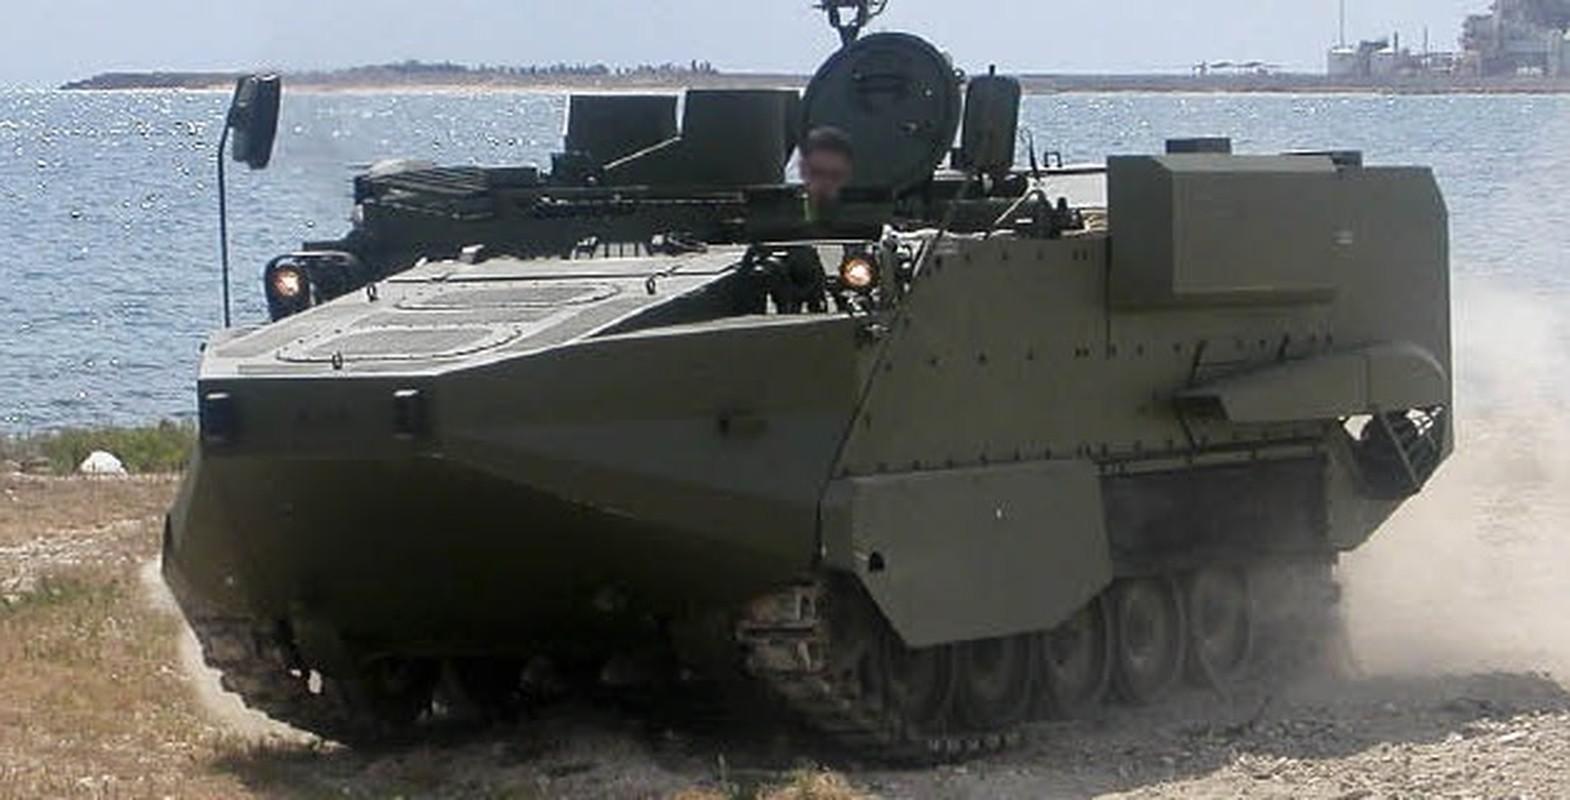 Thiet giap M113 co the tac chien tren bien neu nang cap theo huong nay-Hinh-4